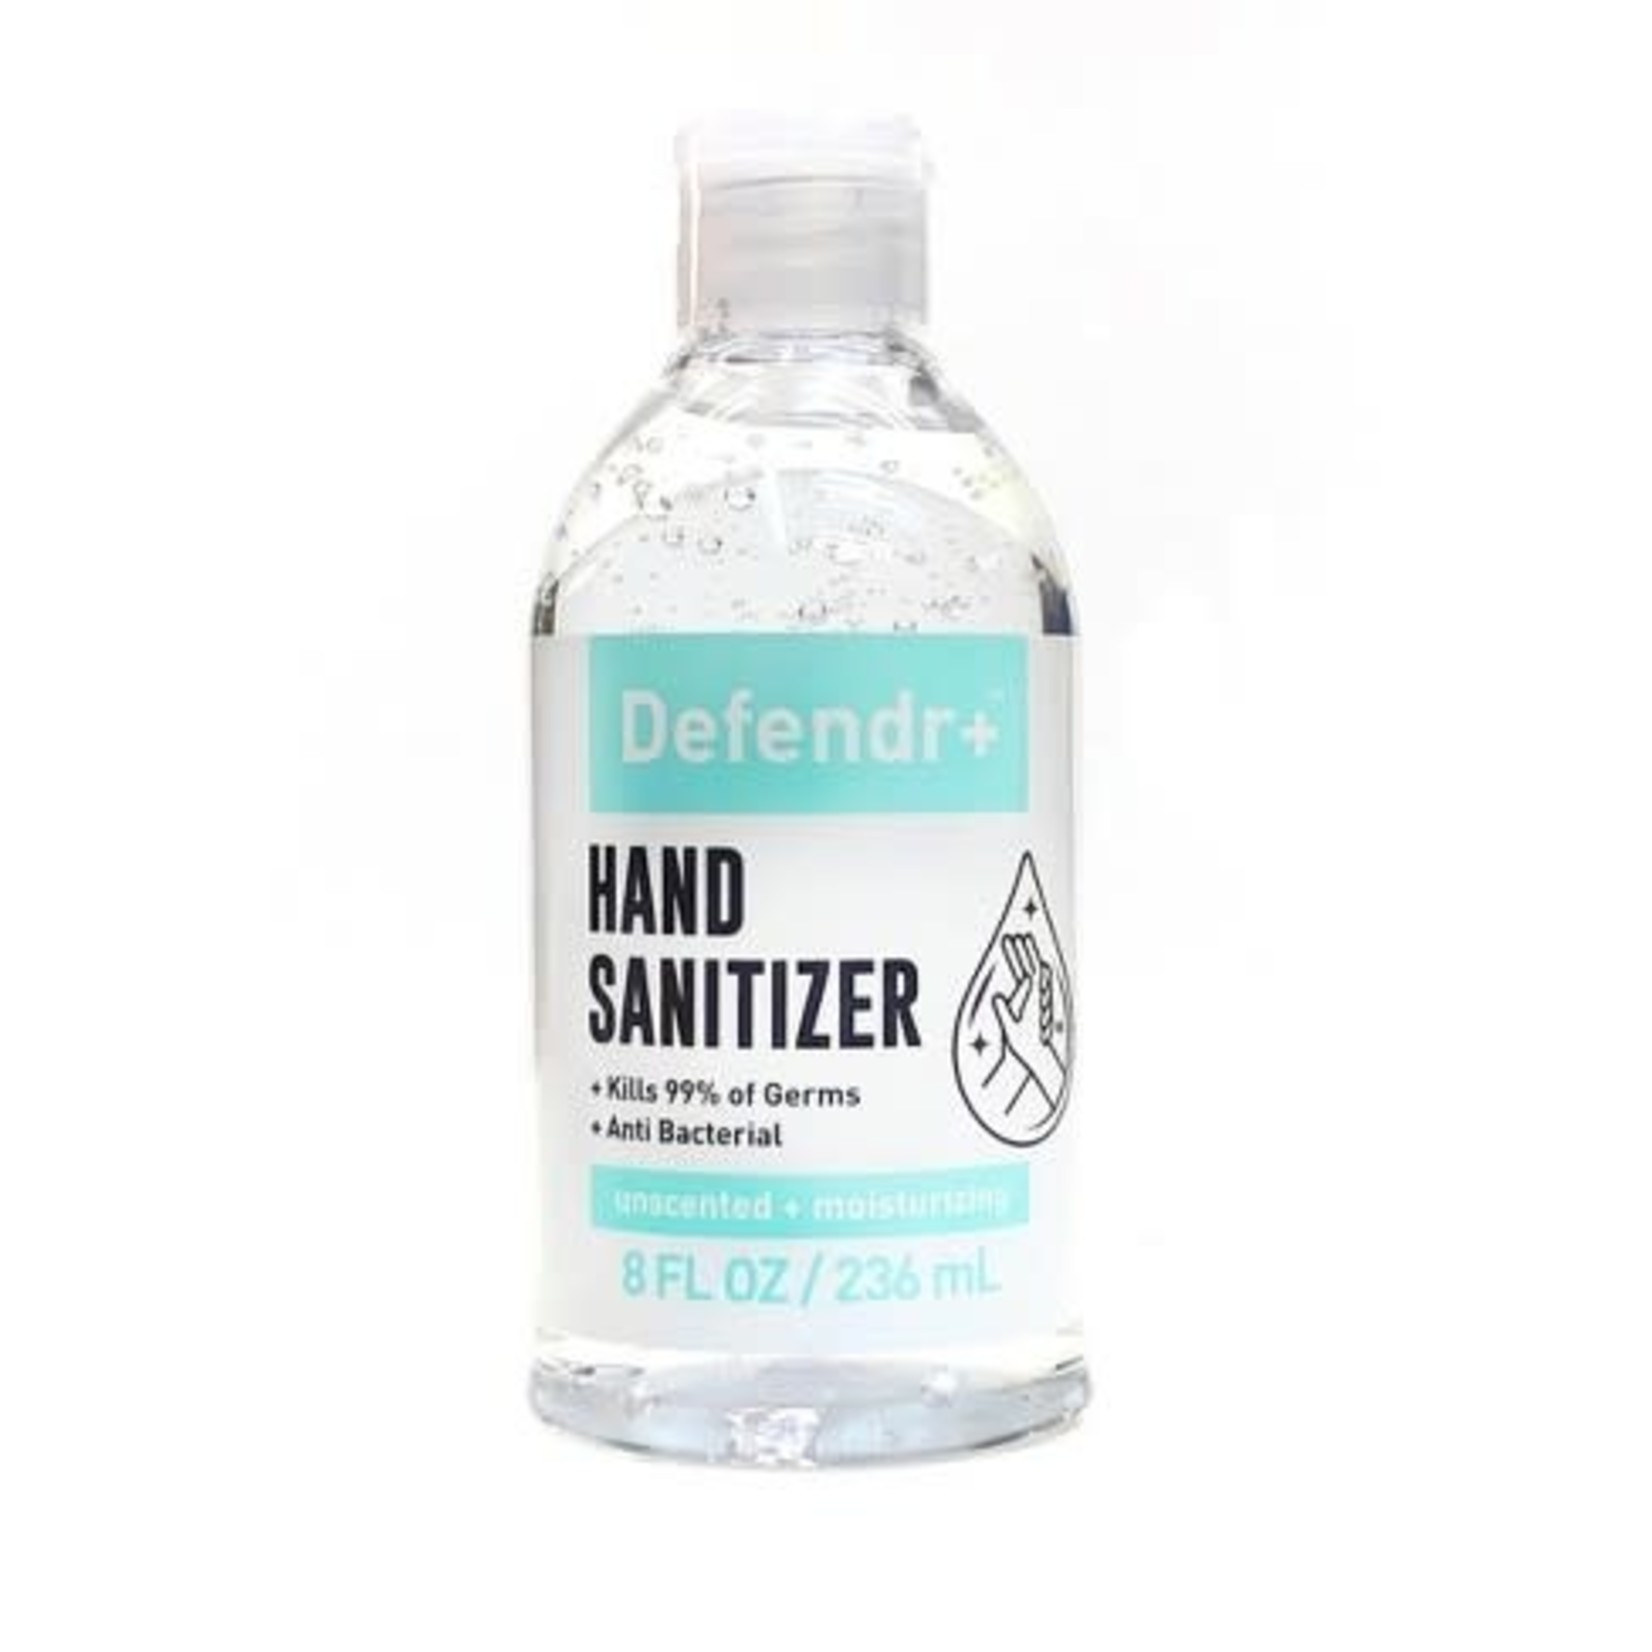 Defendr+ Hand Sanitizer 8floz -Unscented